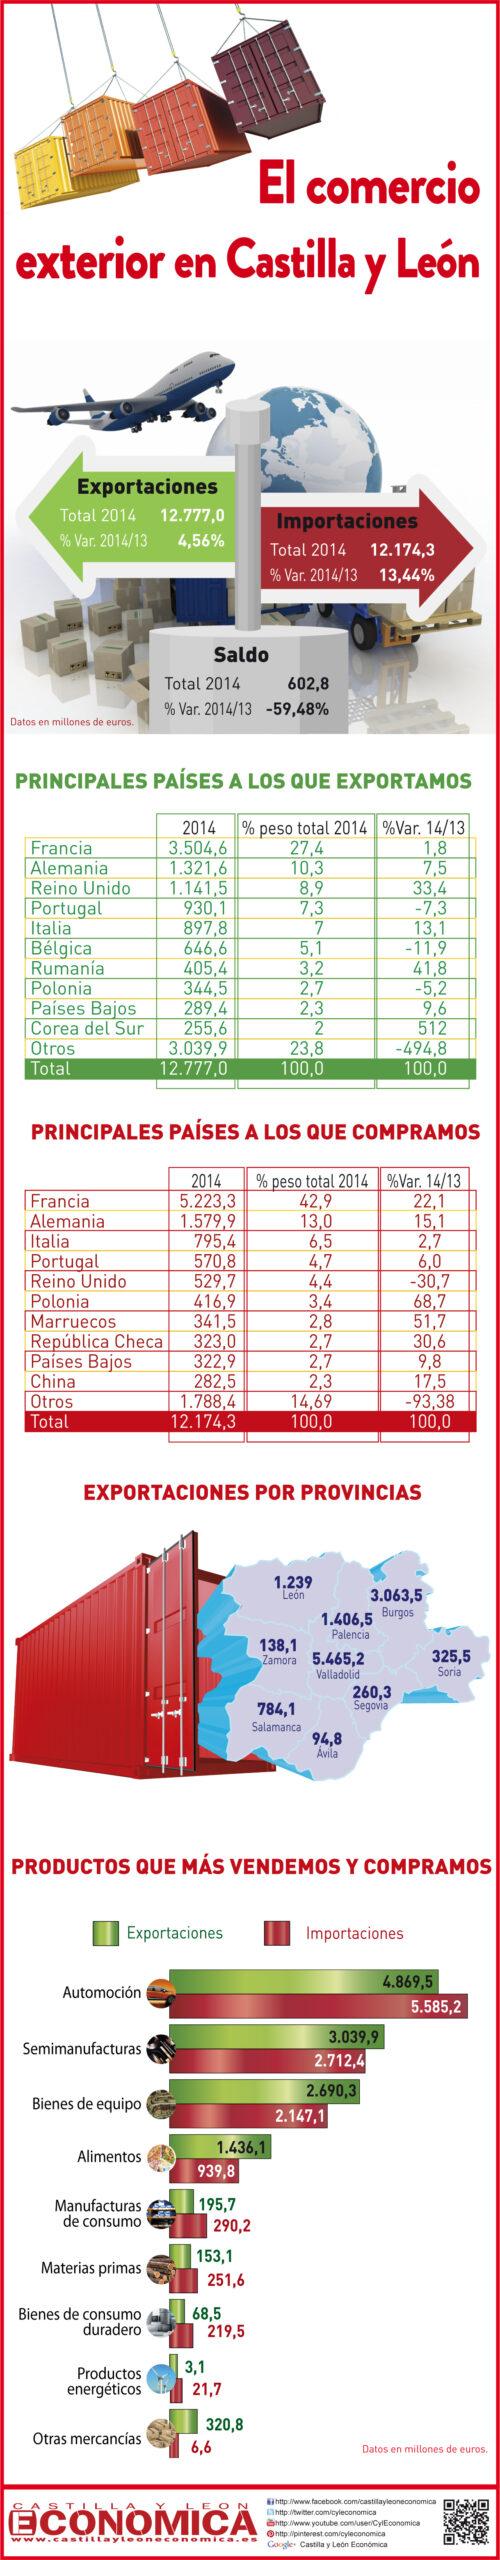 export2015